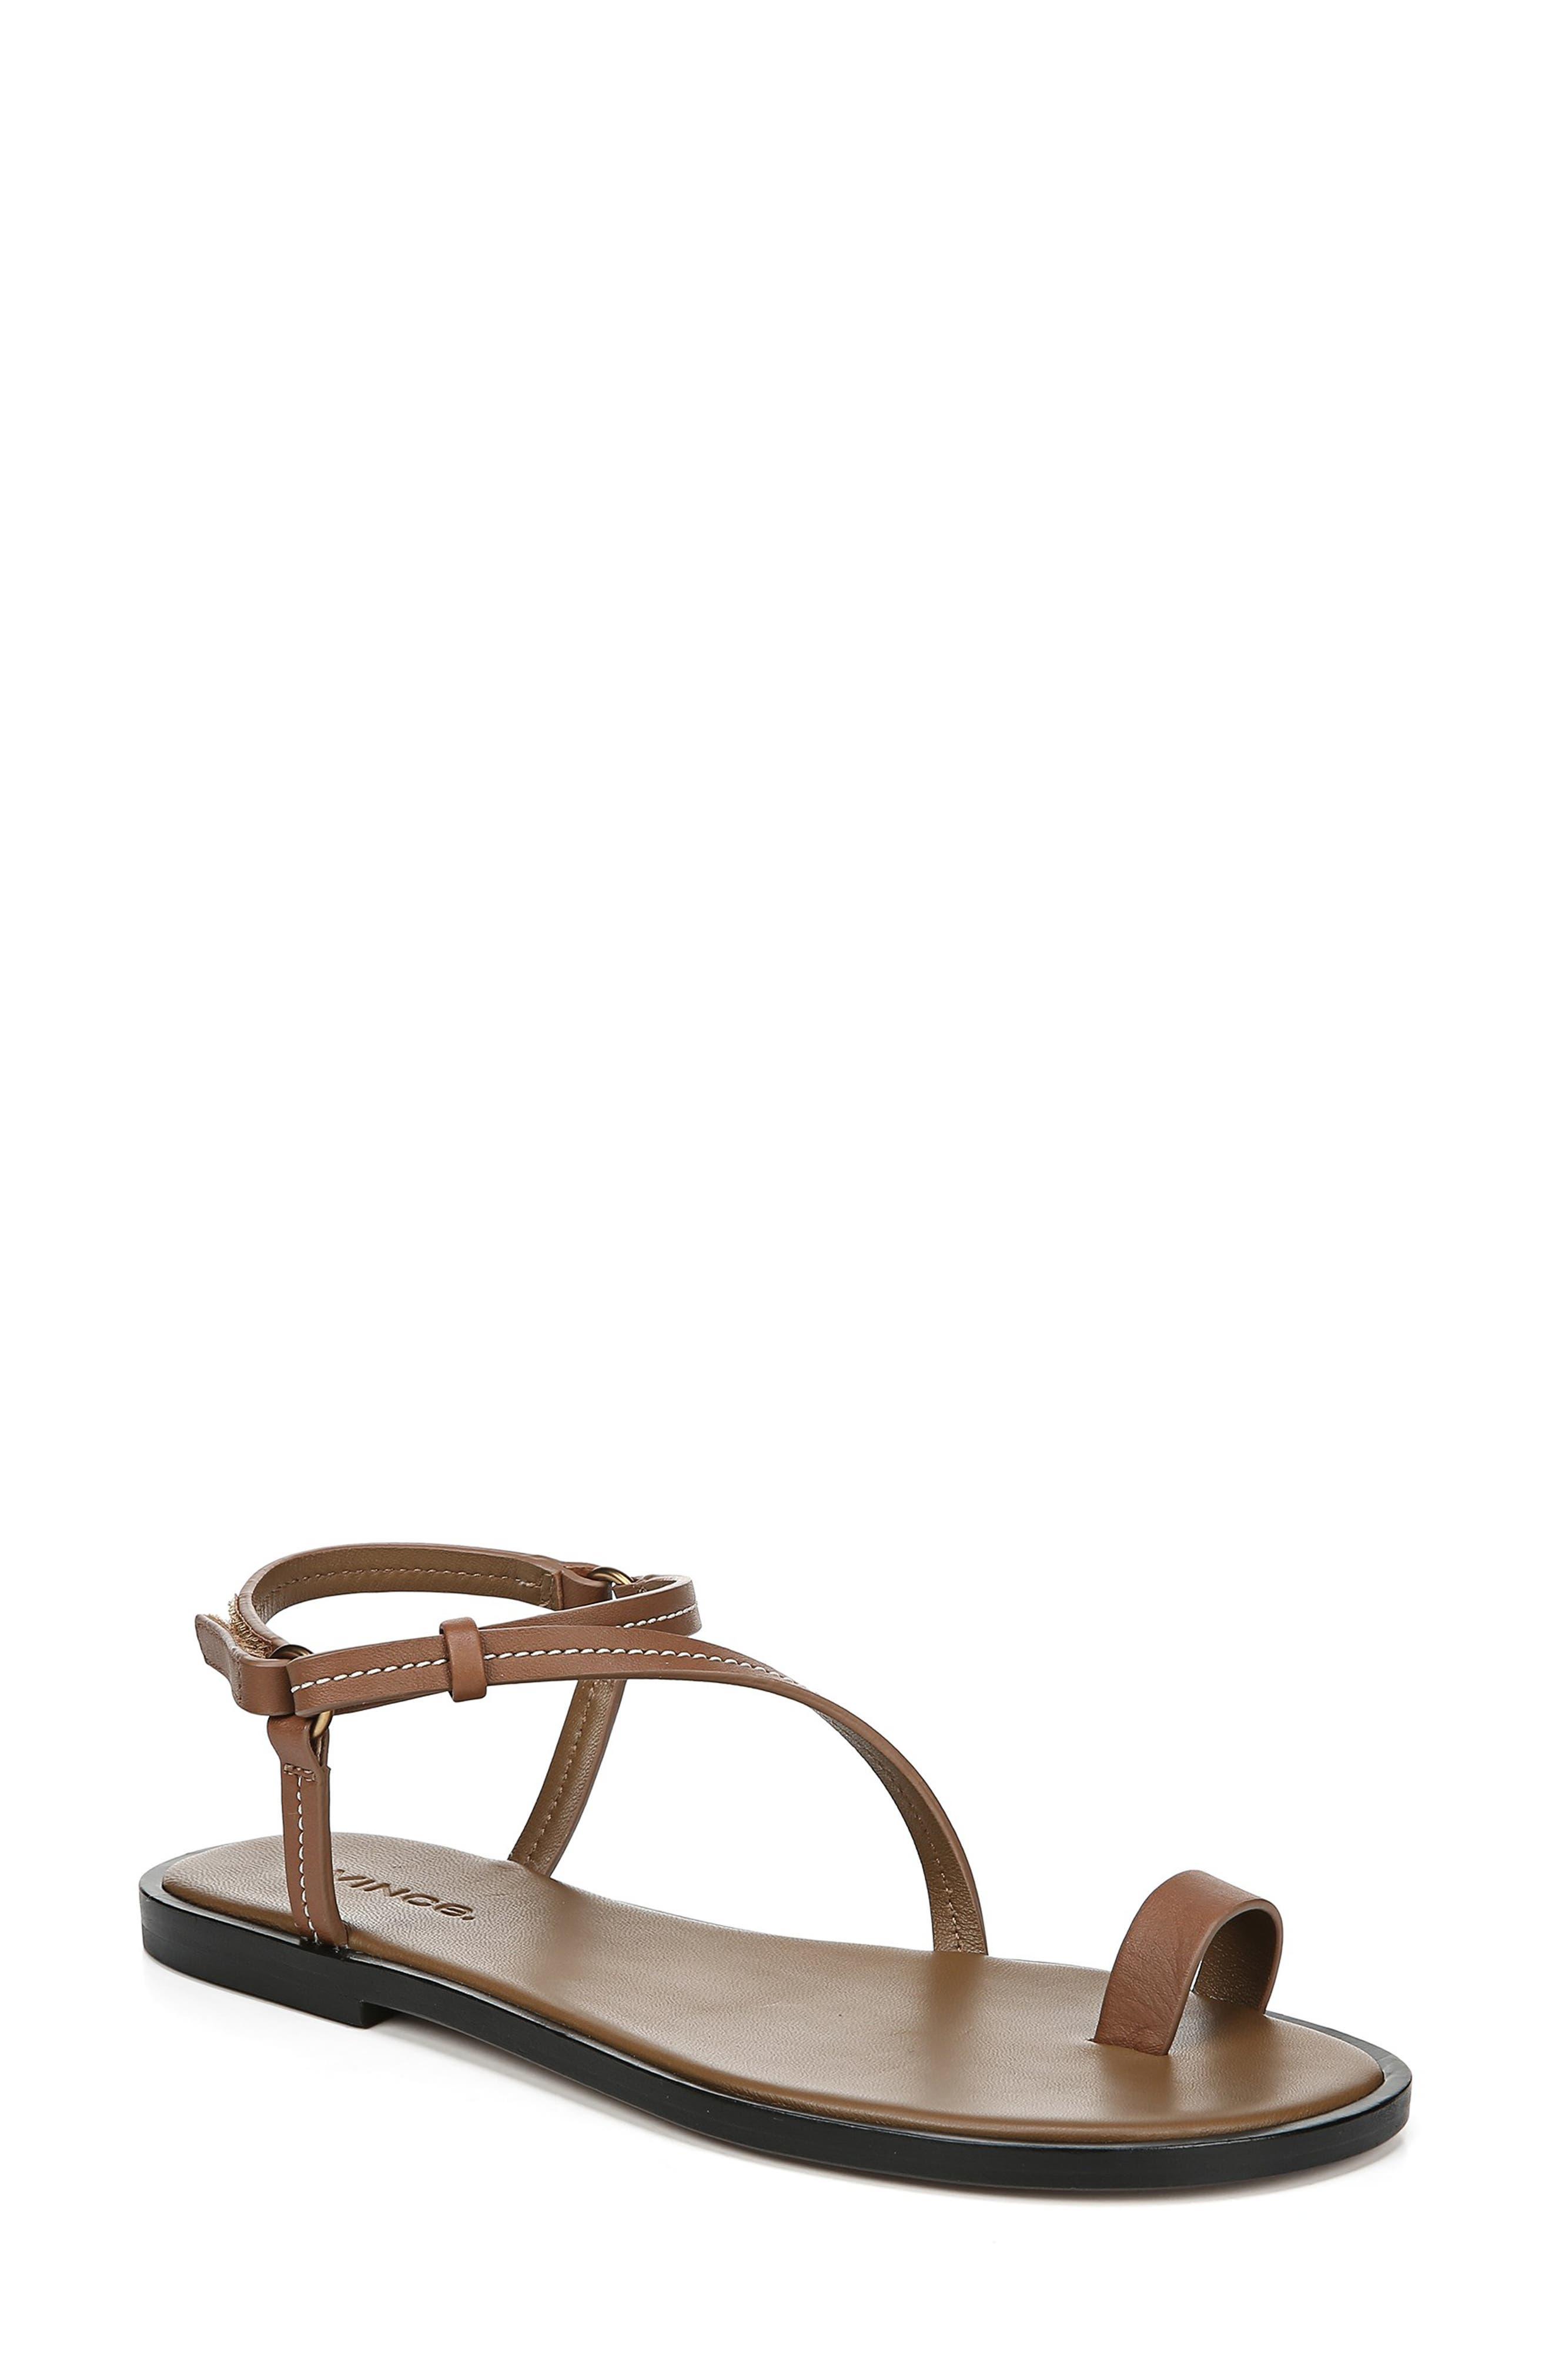 Vince | Perrigan Toe Loop Sandal